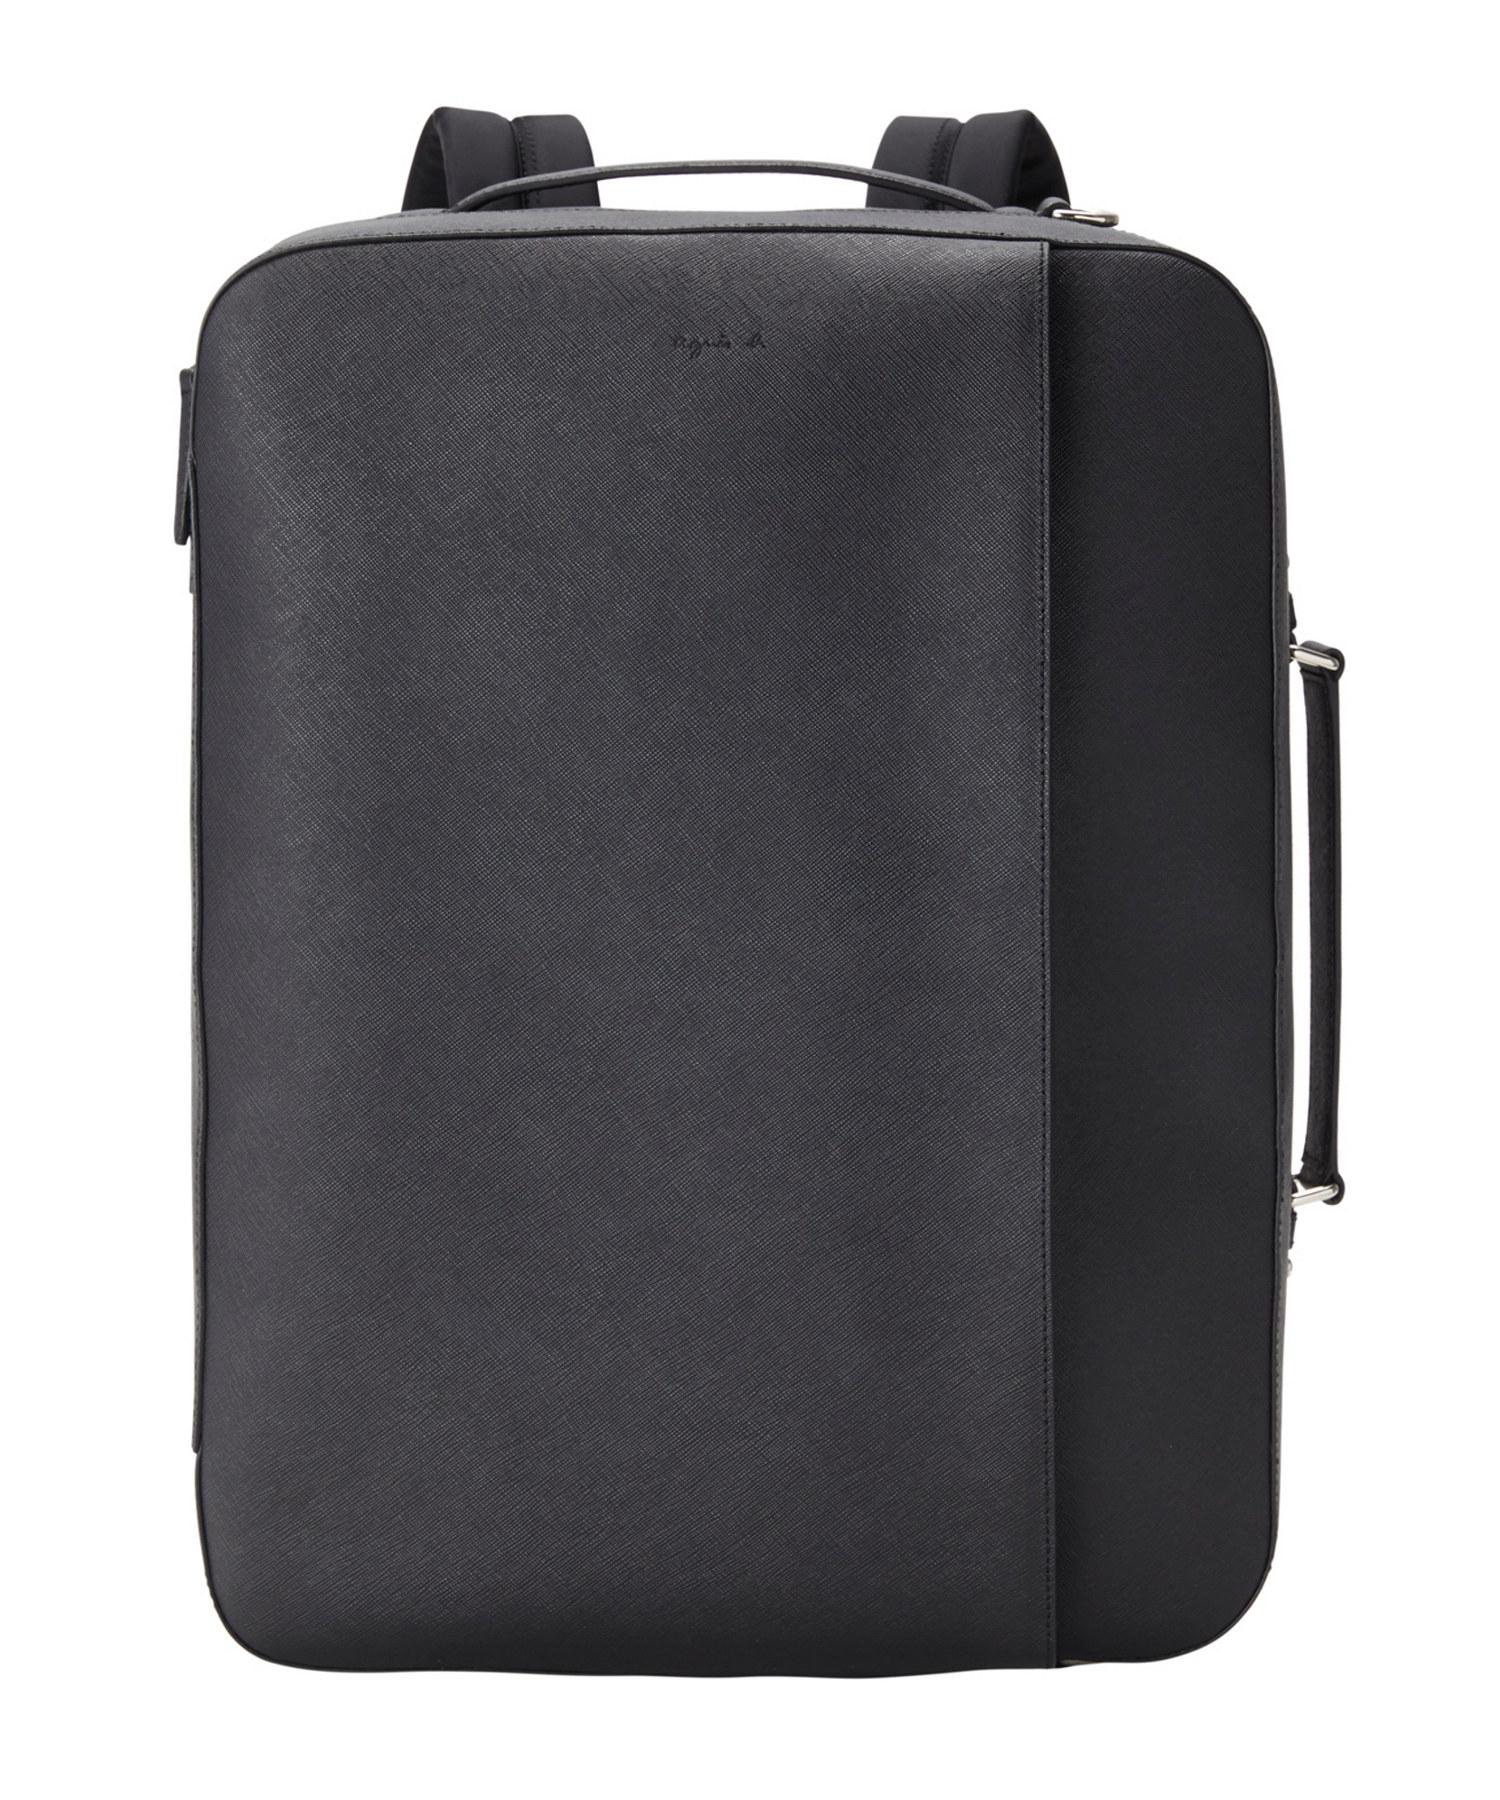 IH06-02 3Wayビジネスバッグ